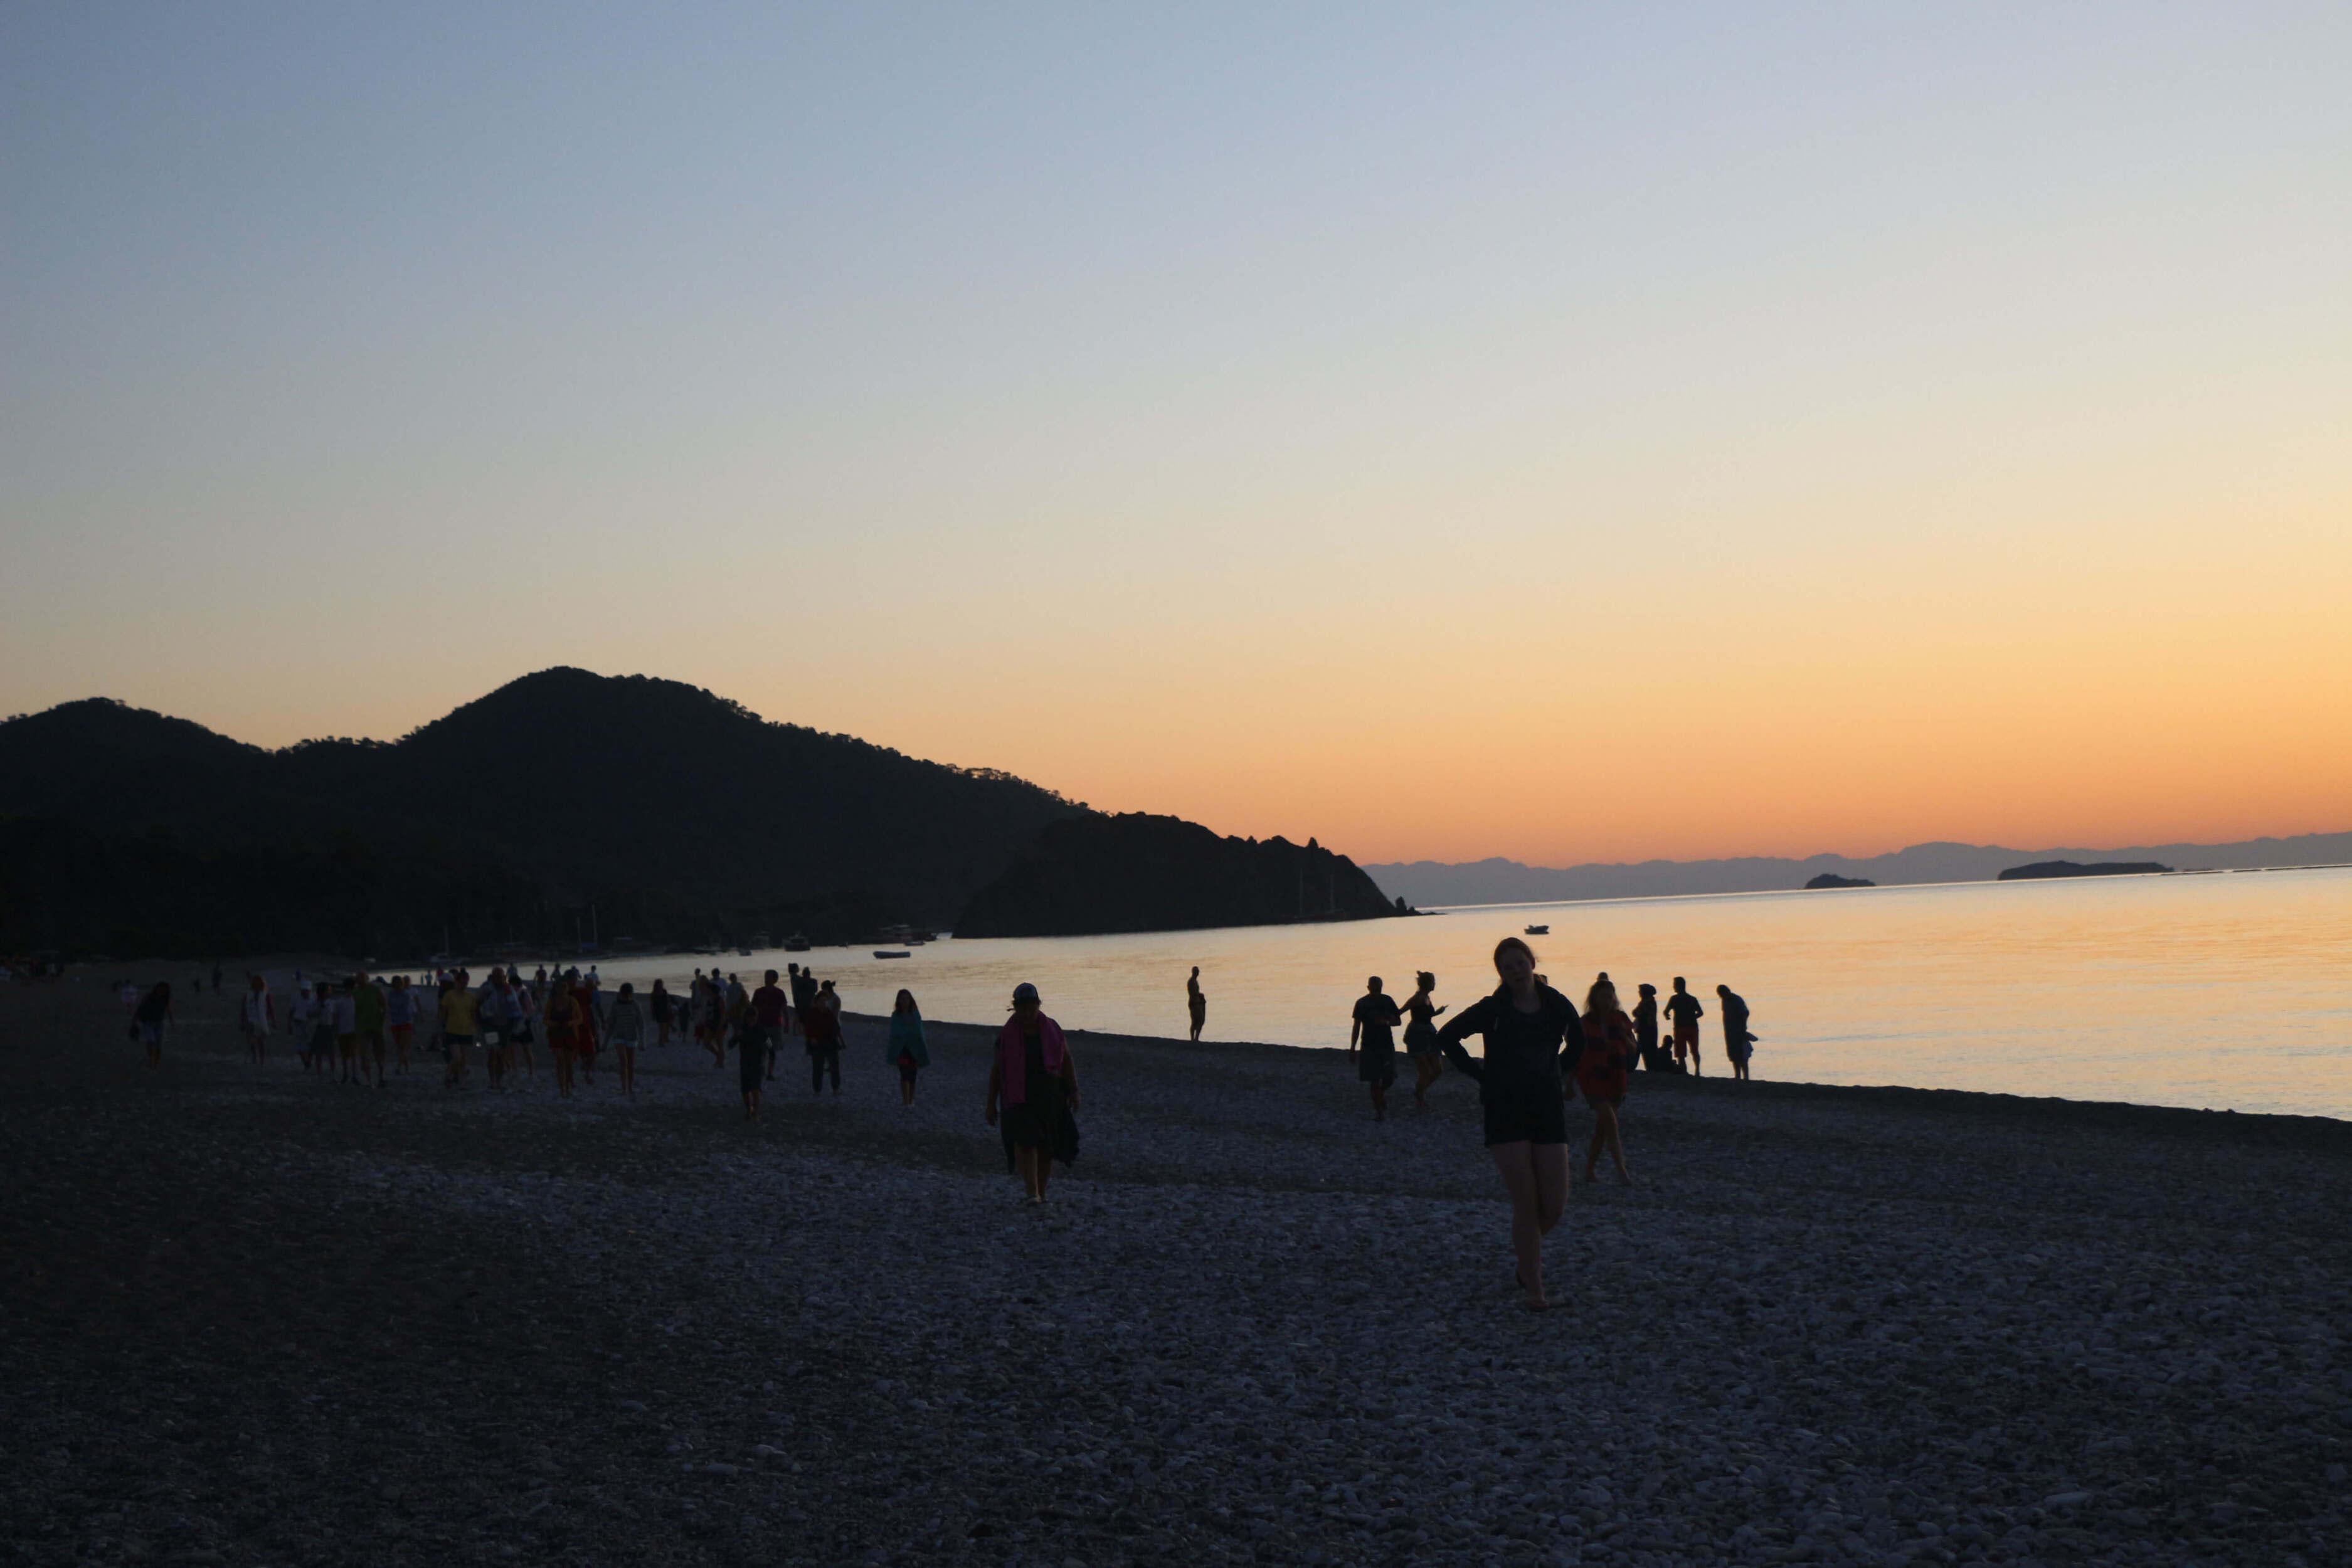 Güneş batımında çıralı sahilinden bir kare